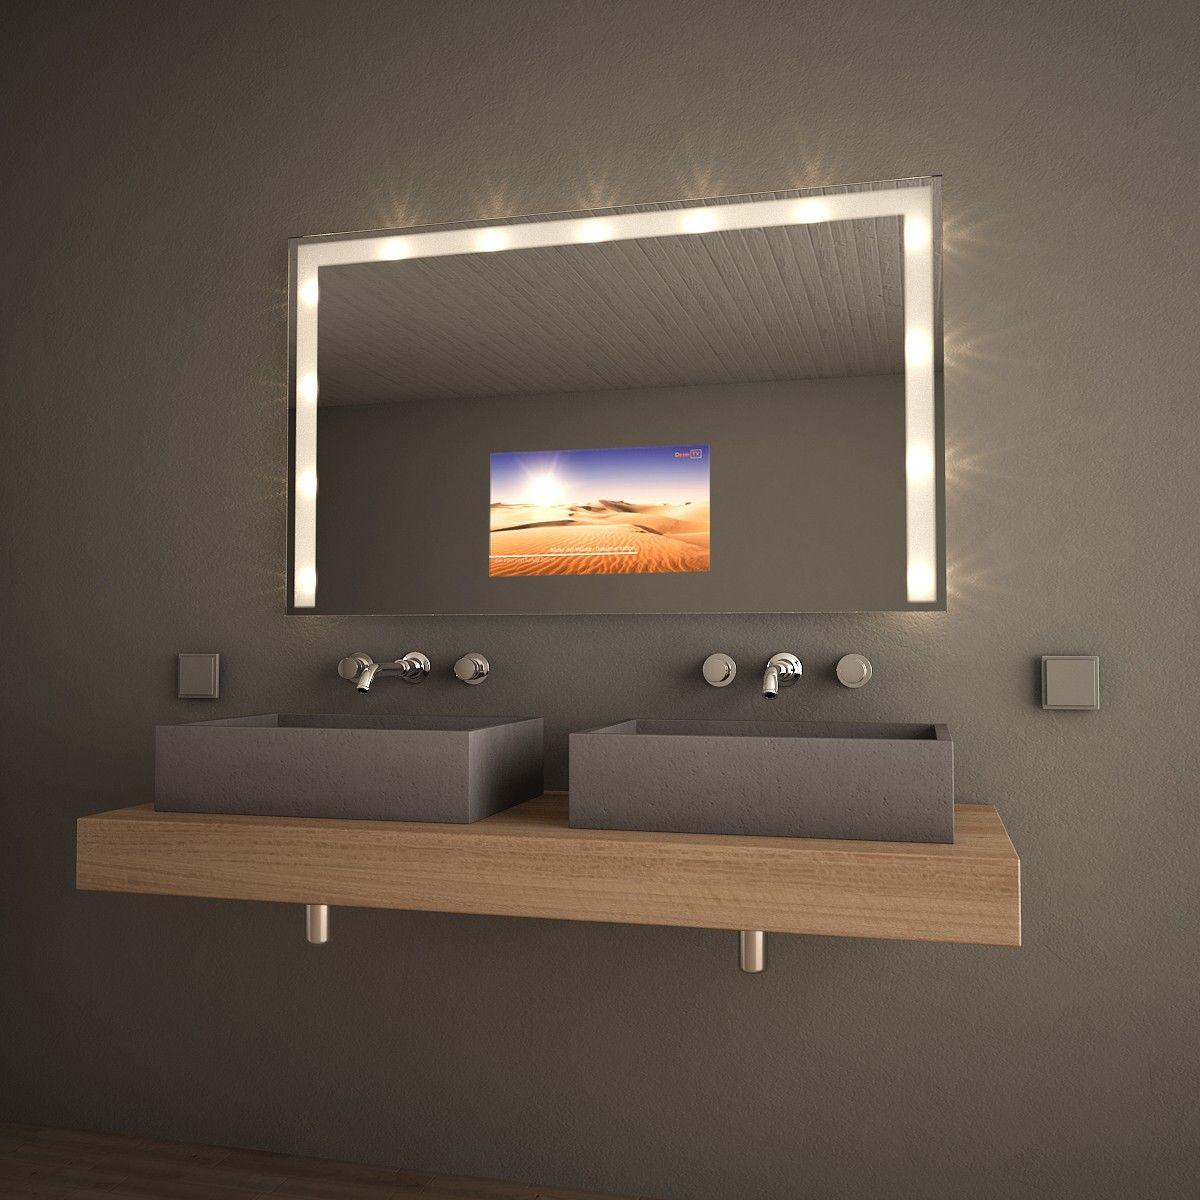 spiegel mit fernseher tv spiegel lilamoon hervorragende ...